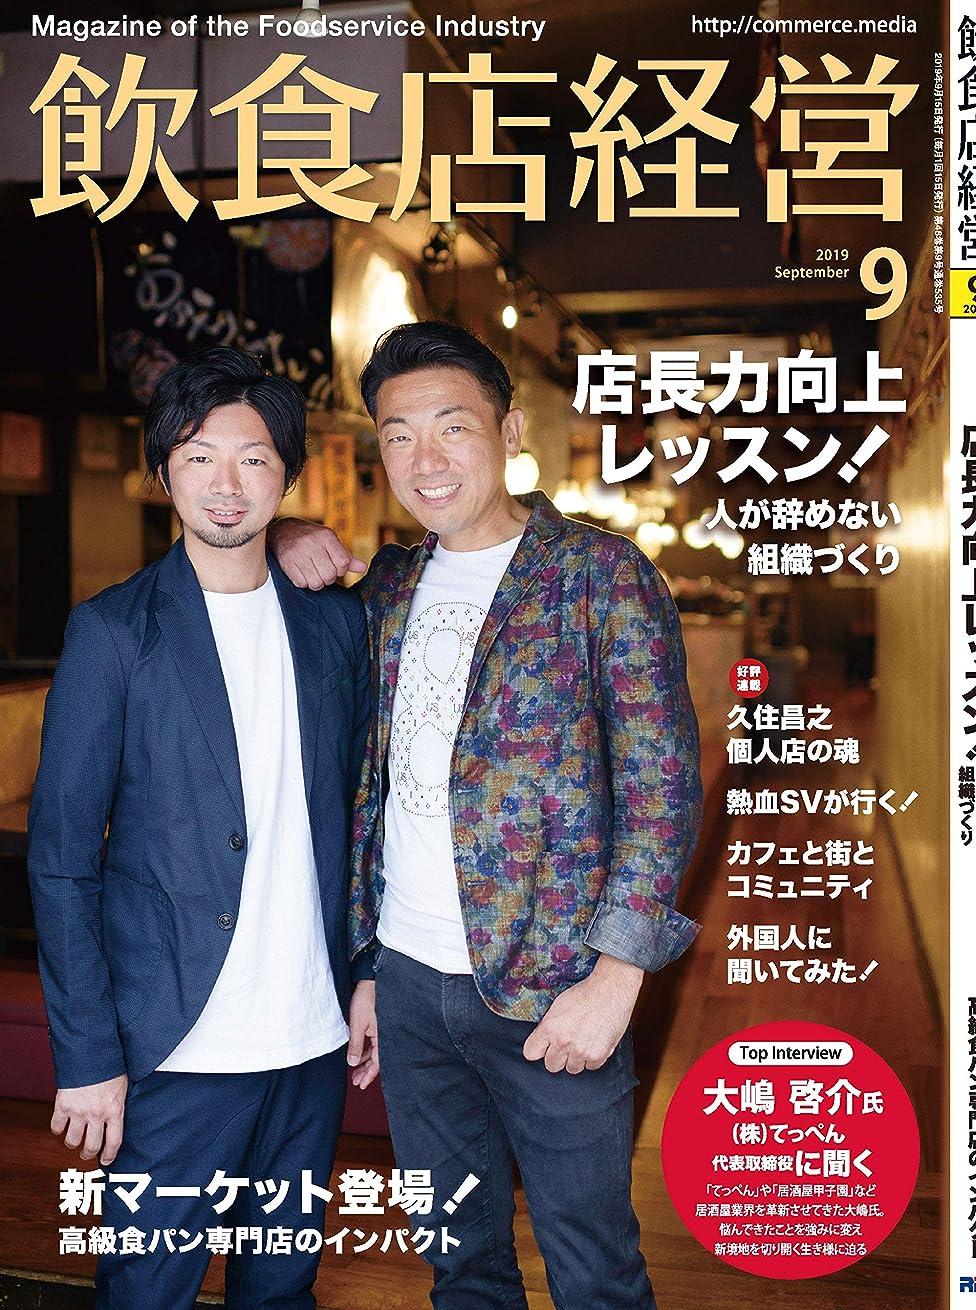 最高締める大きさ飲食店経営 2019年 09月号 [雑誌]